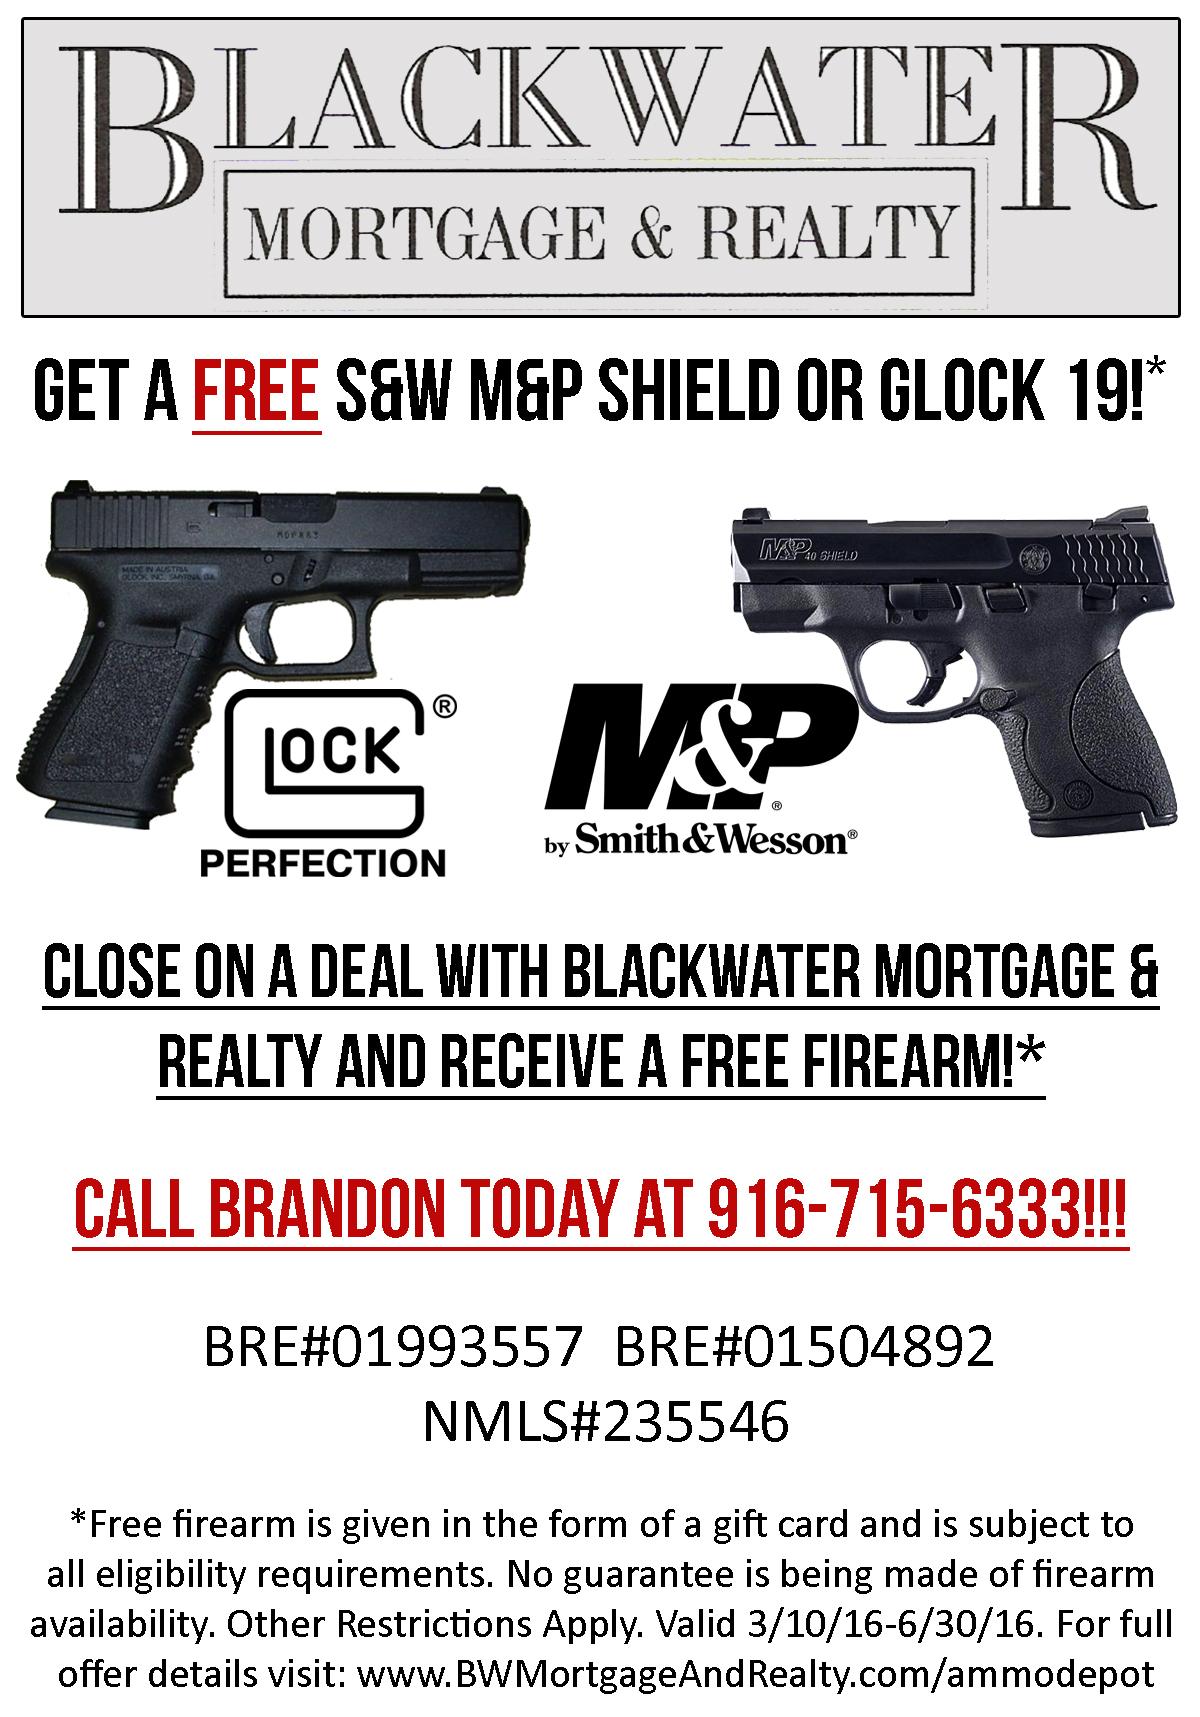 Free Firearm Promotion